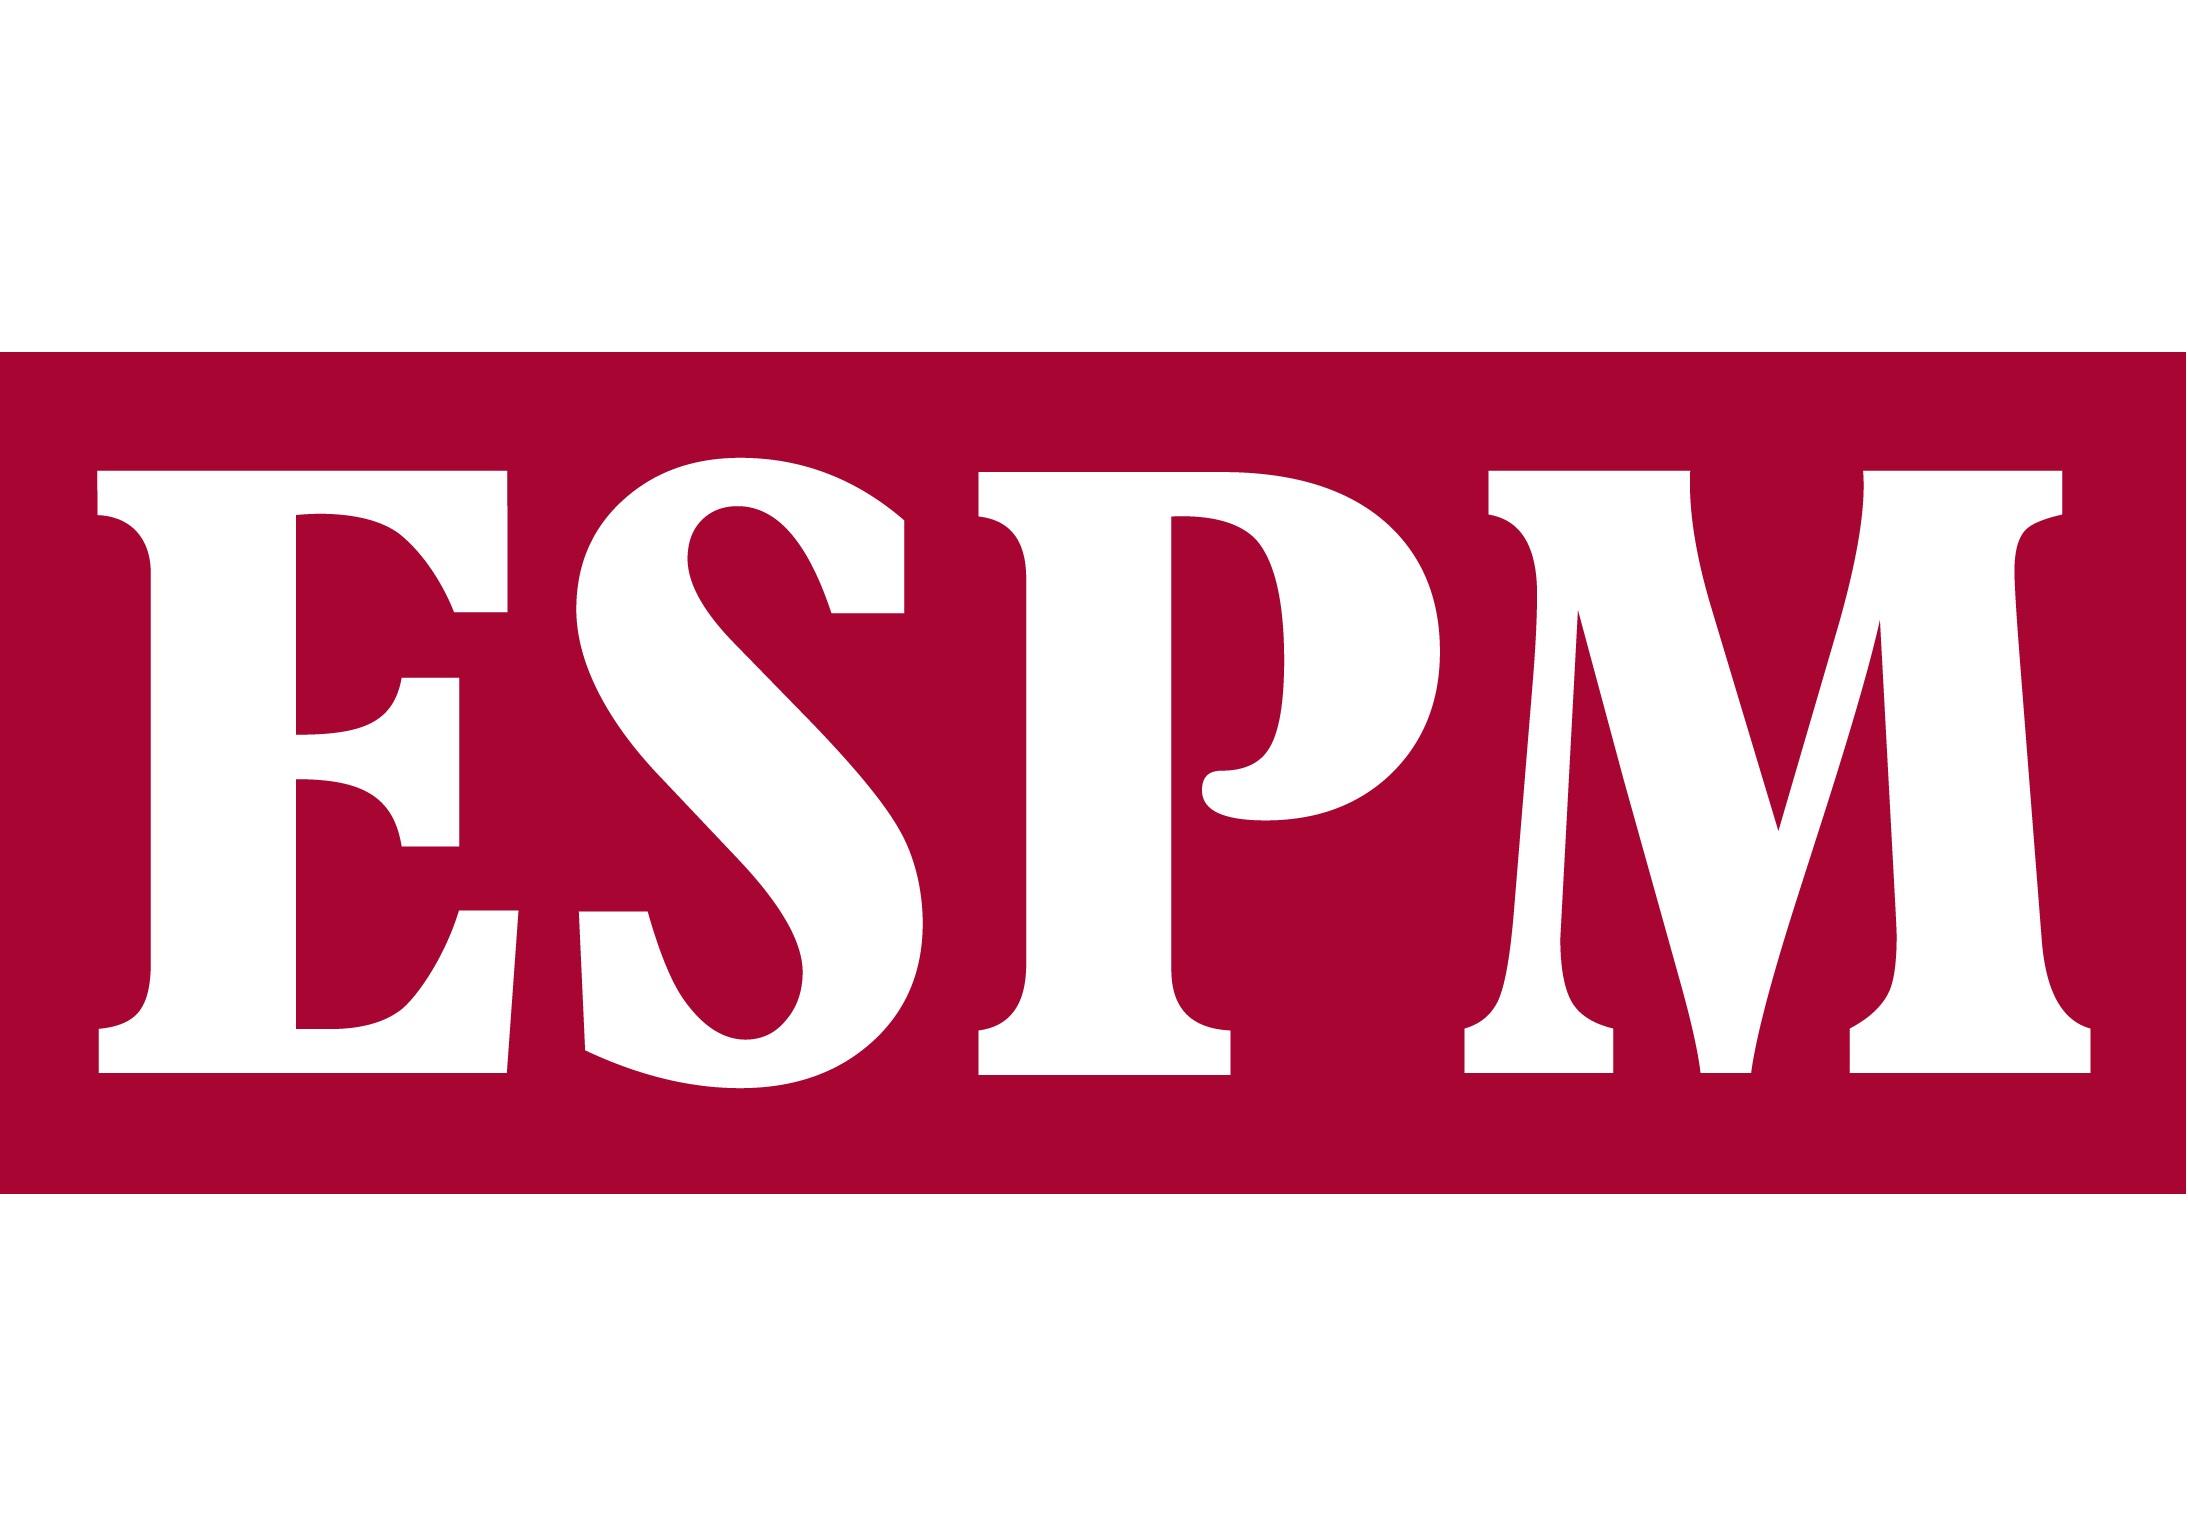 espm-logo1-1